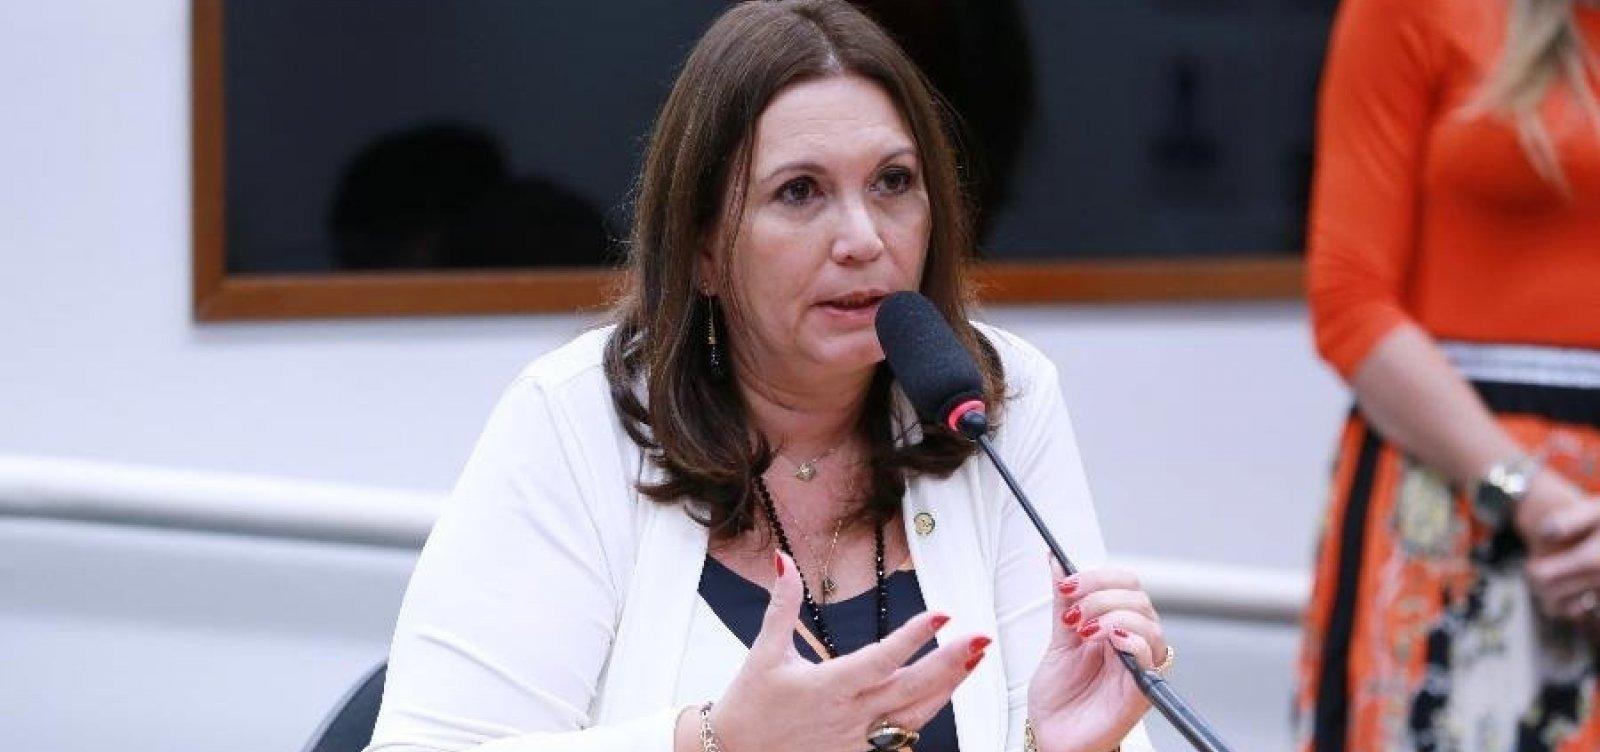 [Bia Kicis é confirmada como presidente da CCJ na Câmara dos Deputados ]